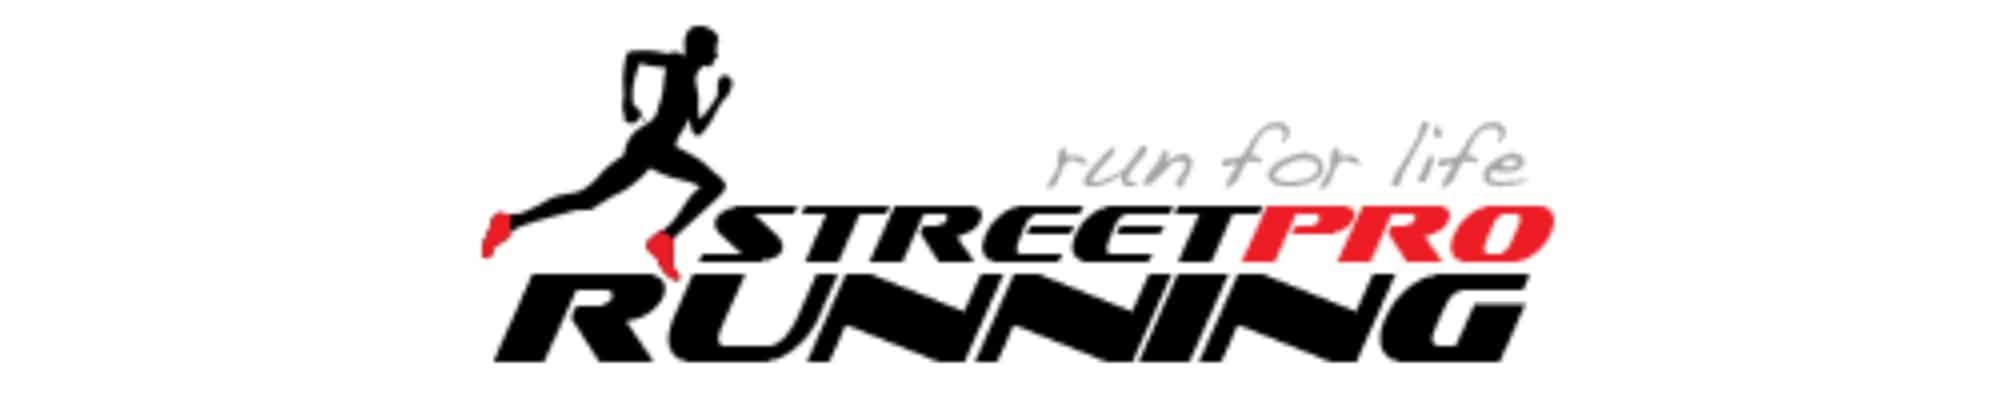 Hábitos de vida saludable y running